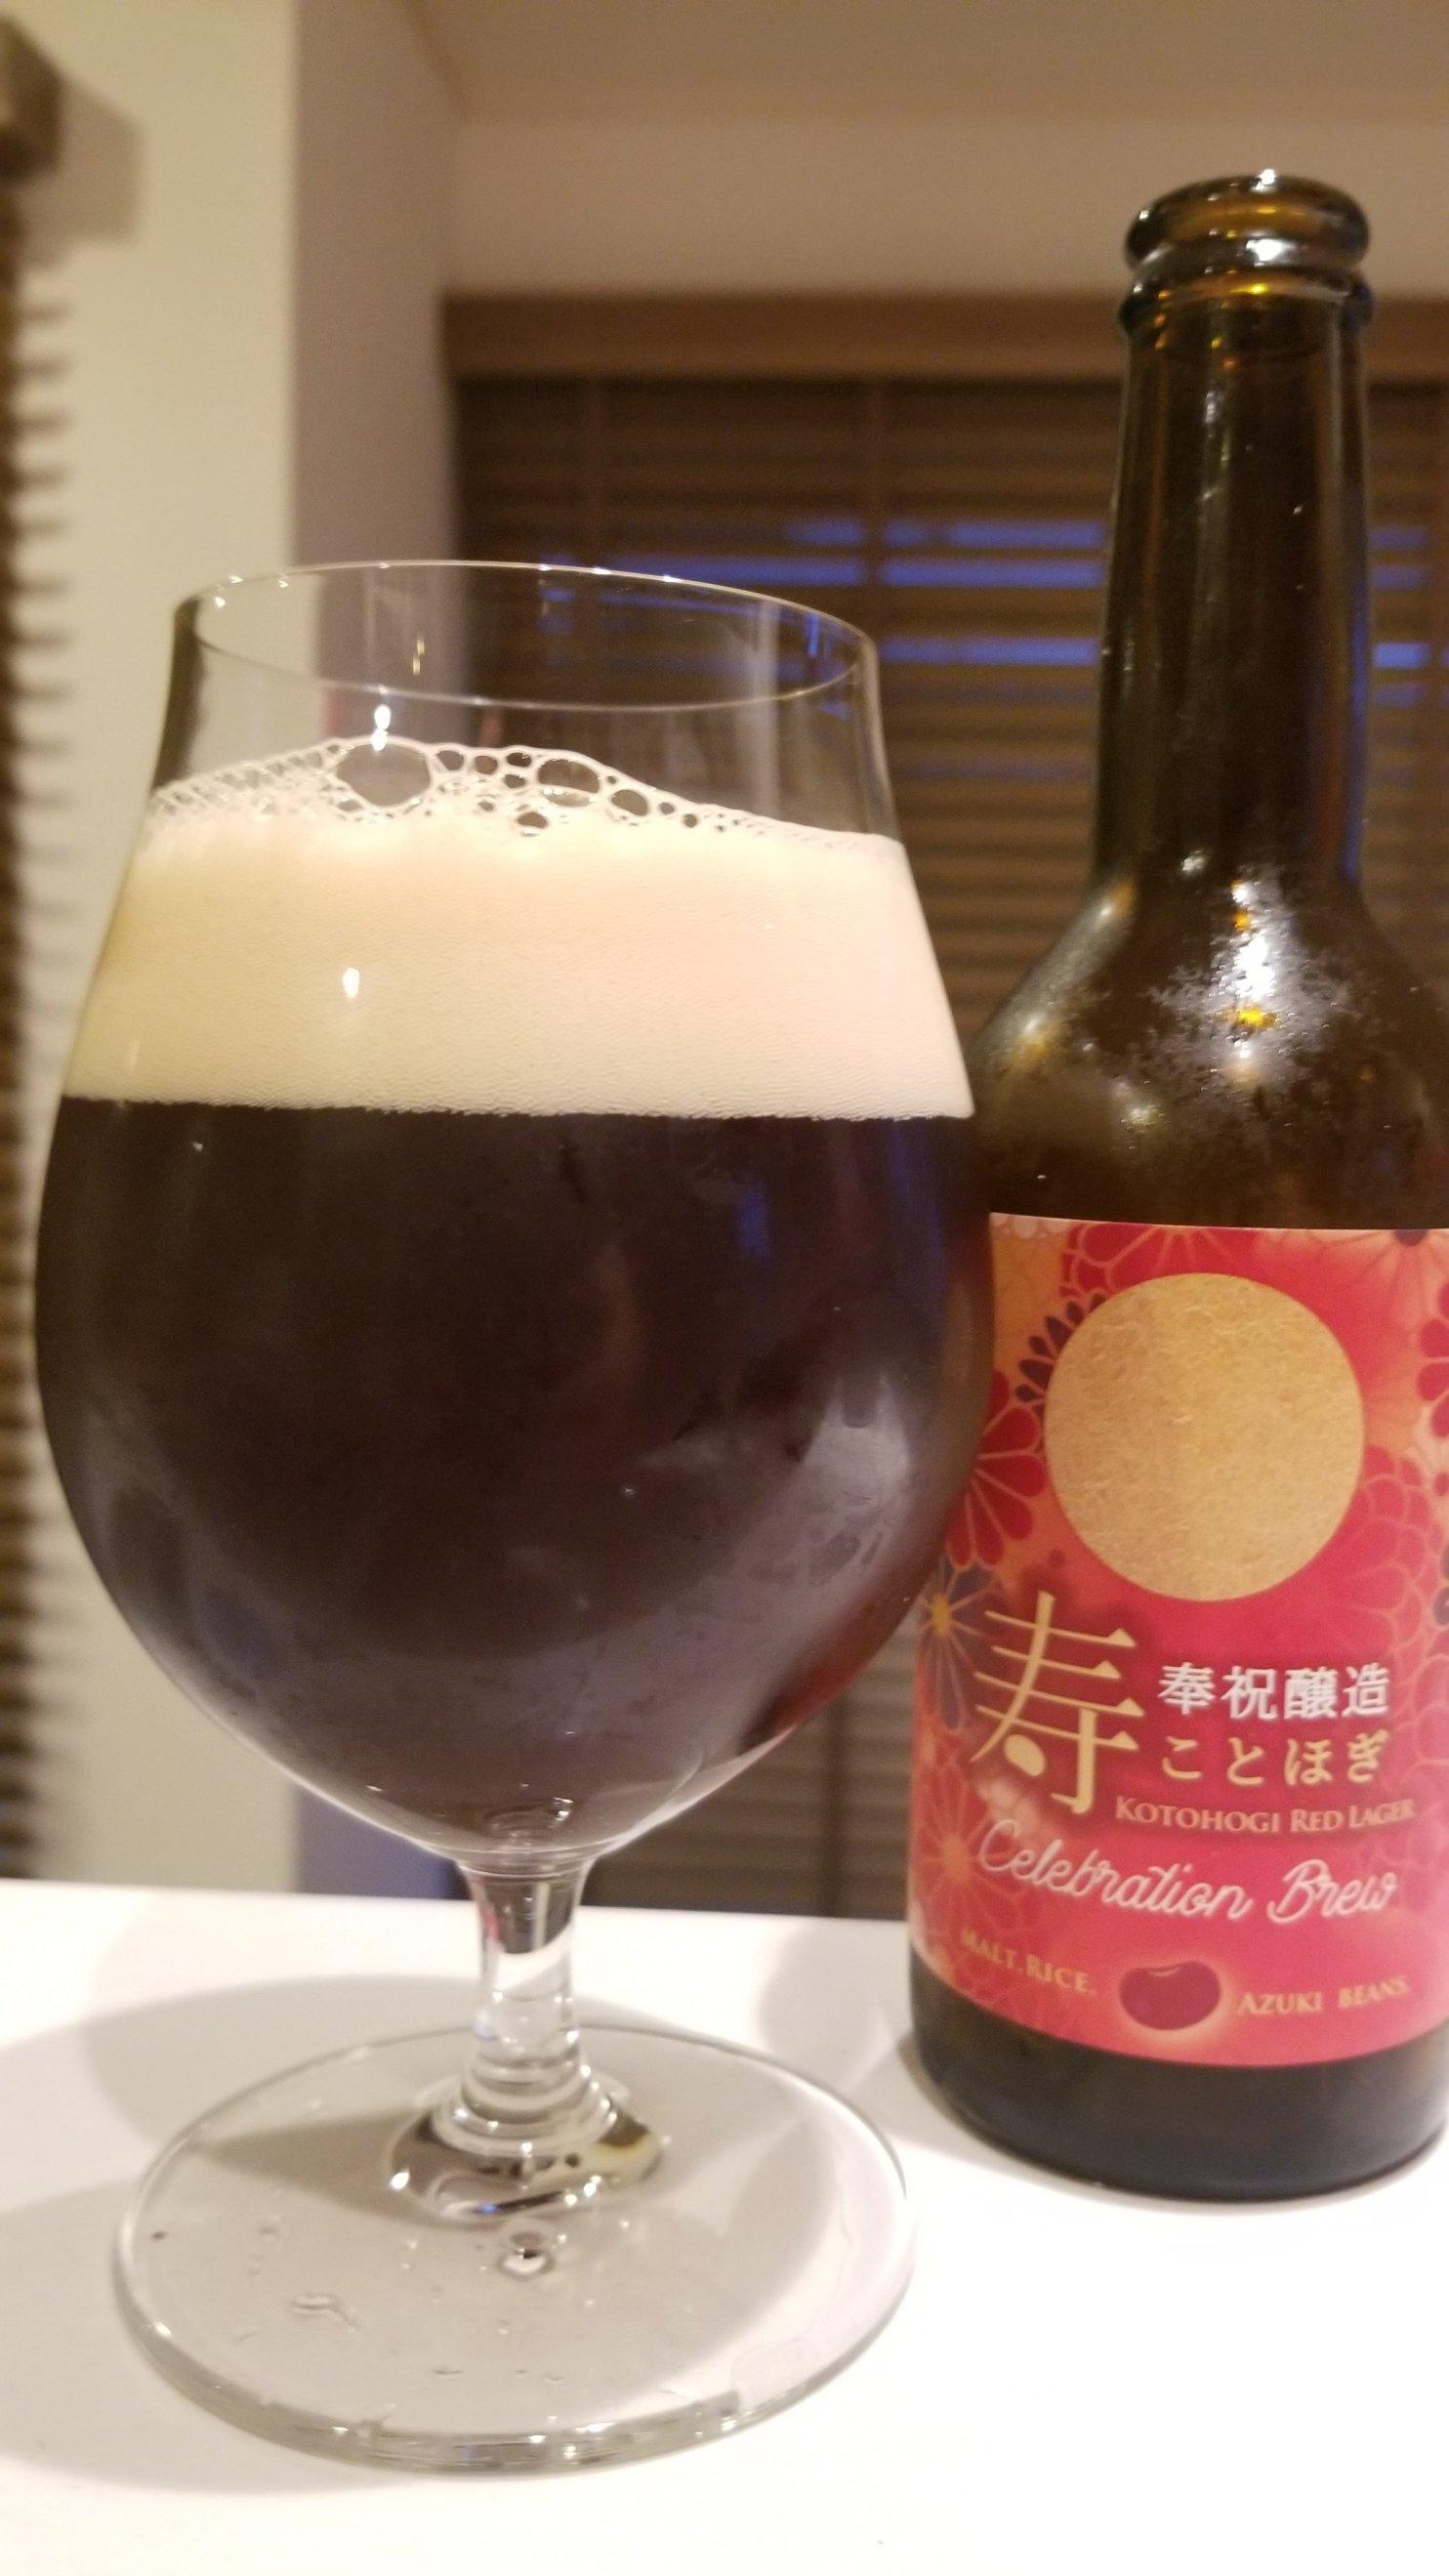 Hideji Kotohogi Red Lager・ひでじことほぎ〜レッドラガー